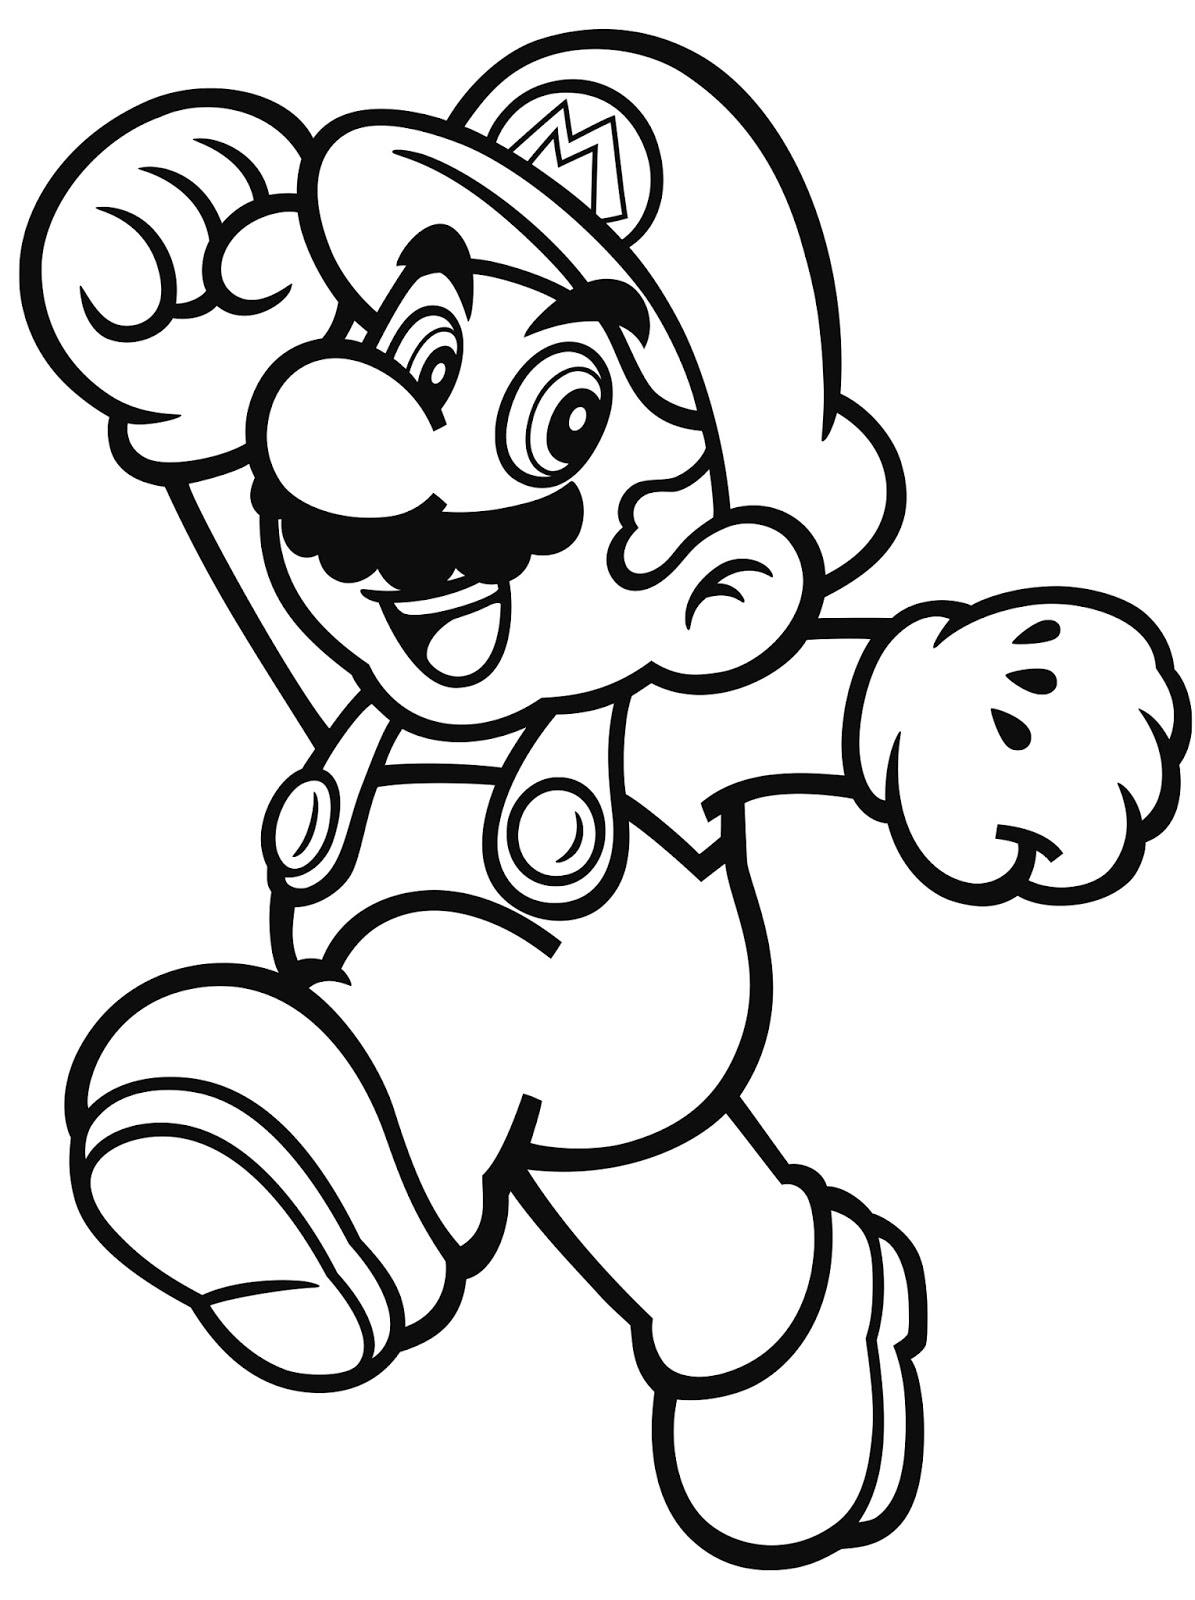 A Casa Do Cogumelo Nintendo Disponibiliza Personagens De Super